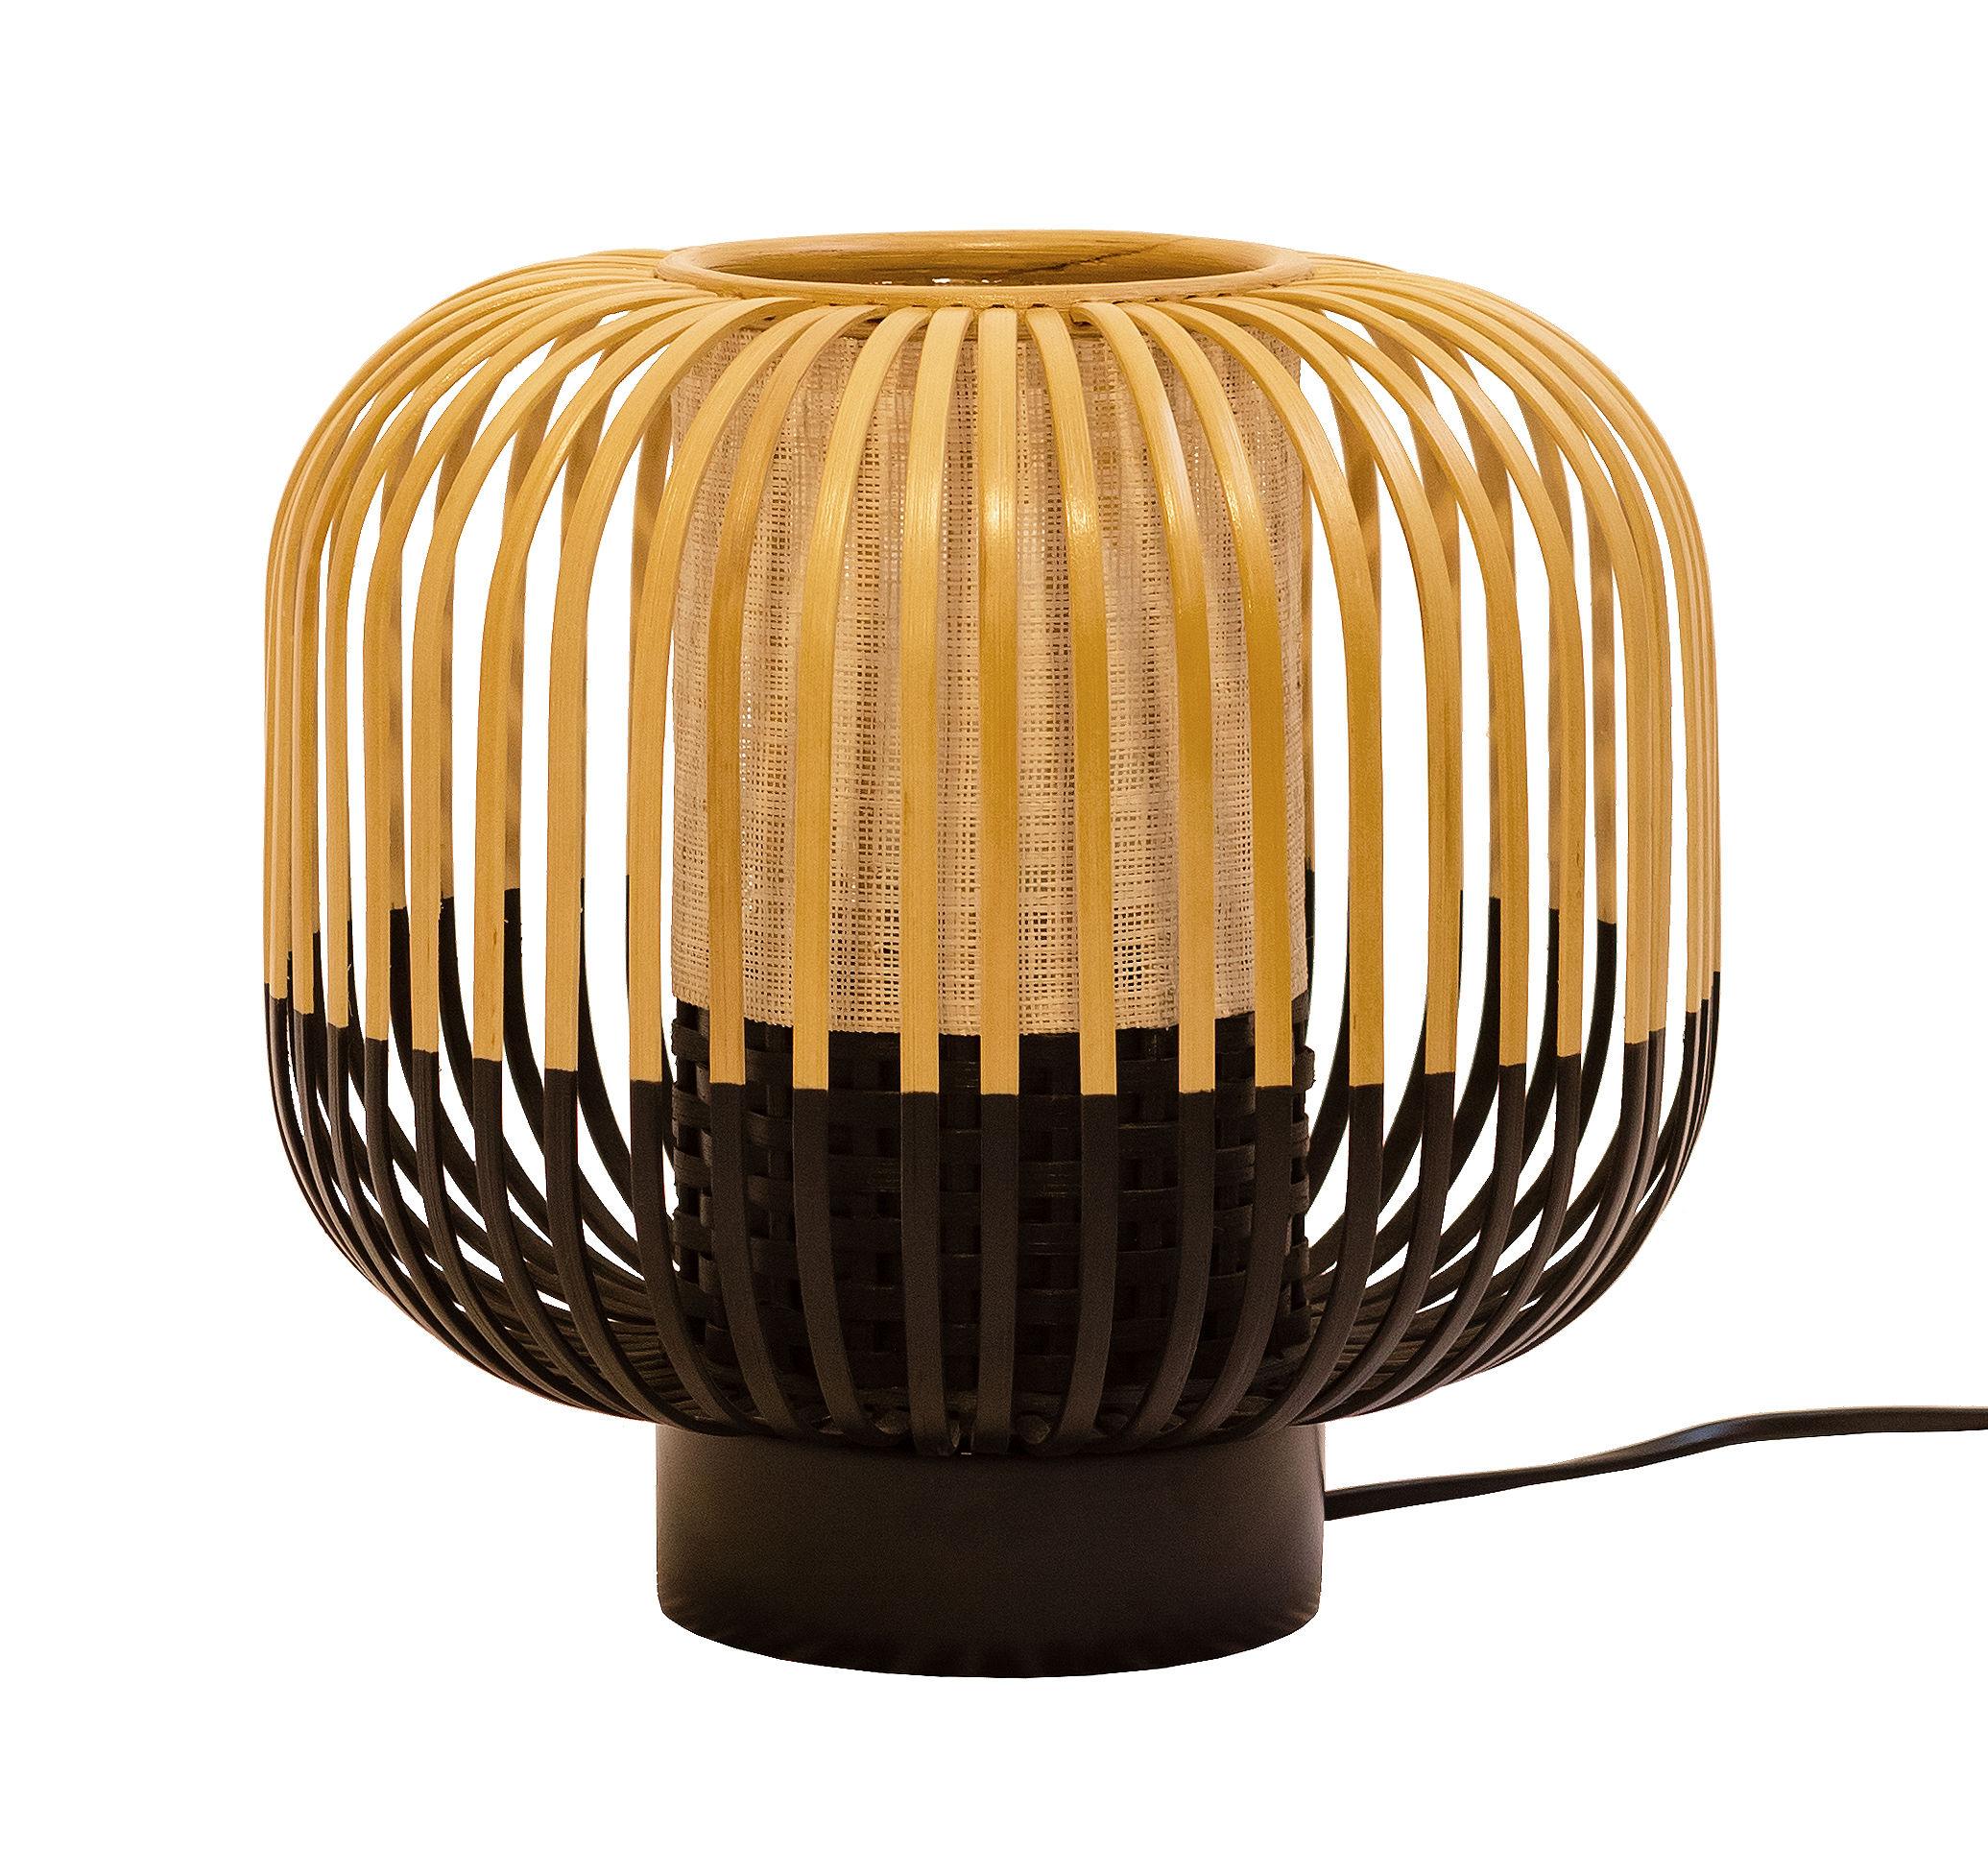 Illuminazione - Lampade da tavolo - Lampada da tavolo Bamboo Light - / H 24 x Ø 27 cm di Forestier - H 24 cm - Nero - Bambou naturel